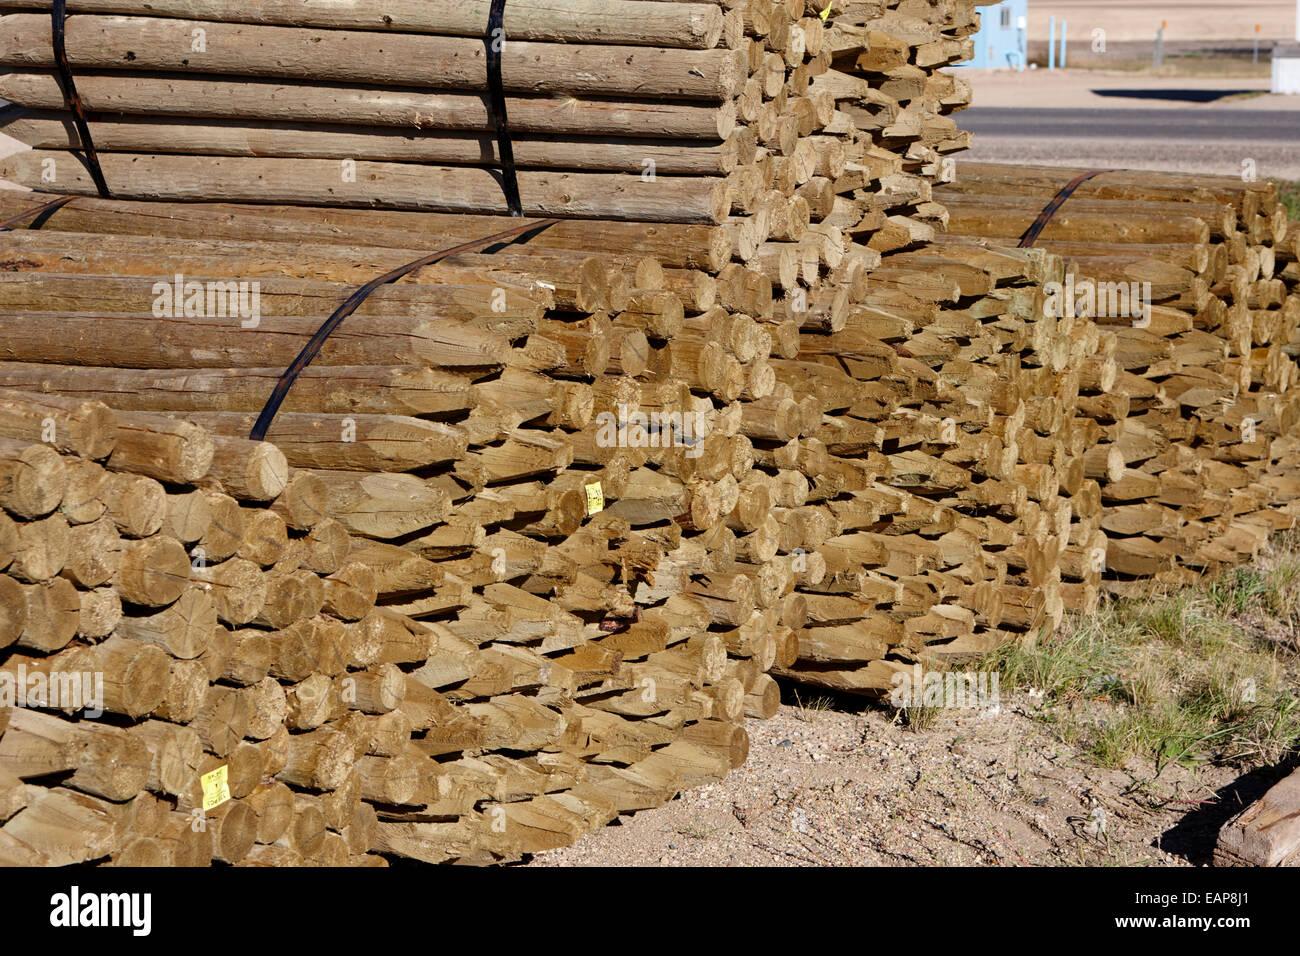 Pilotes de madera postes de cercas en un molino de Saskatchewan, Canadá Imagen De Stock